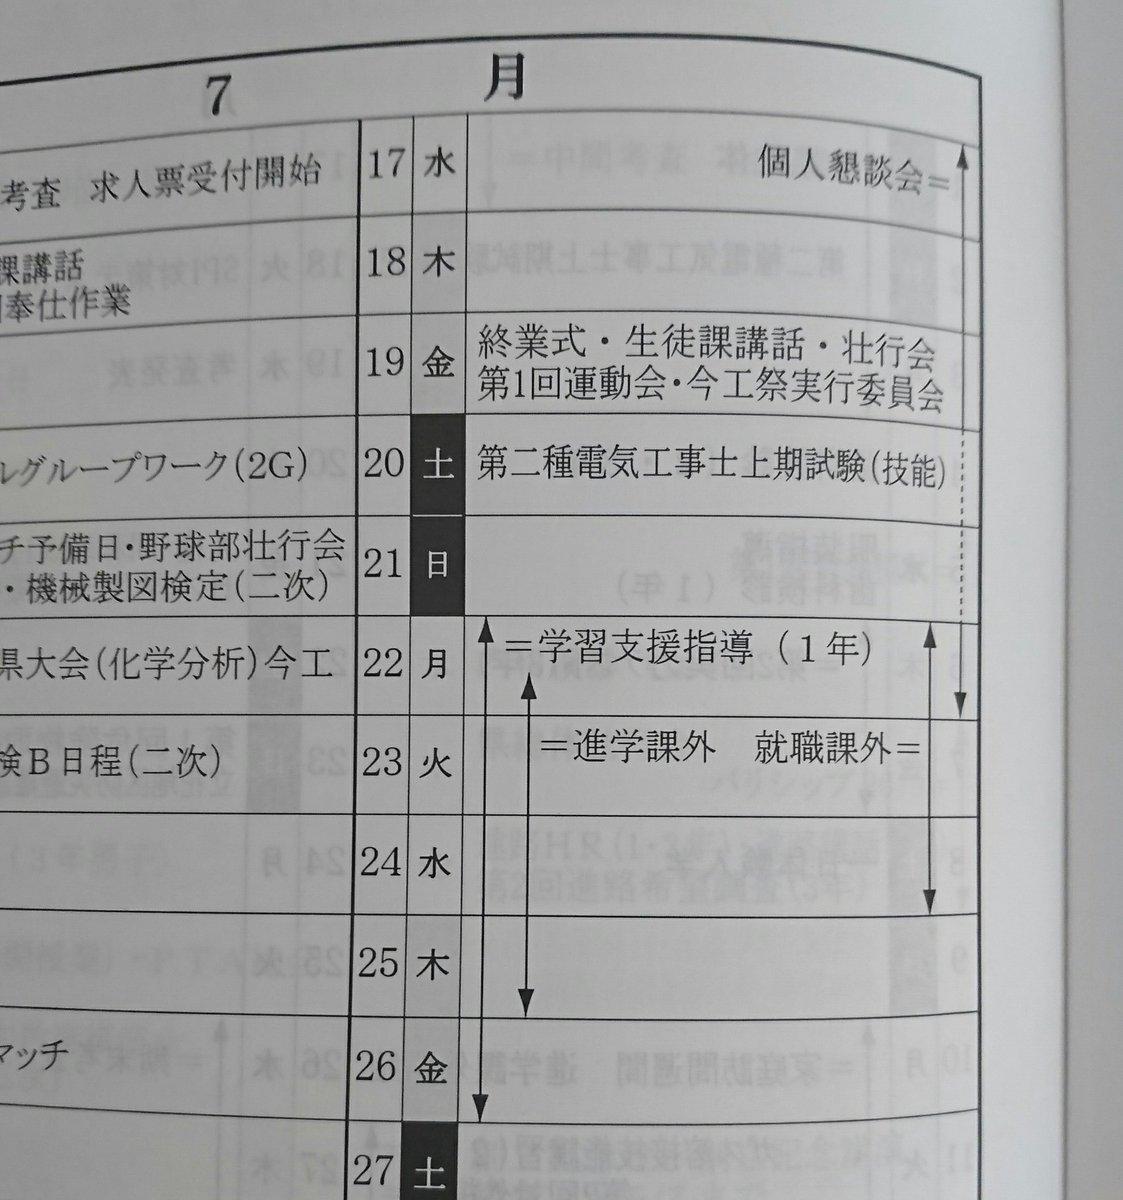 20日21日が全ツ福岡やけど、前後ハードスケジュールすぎwww福岡観光したかったけど、就職課外があるけん、日帰りになりそうや?